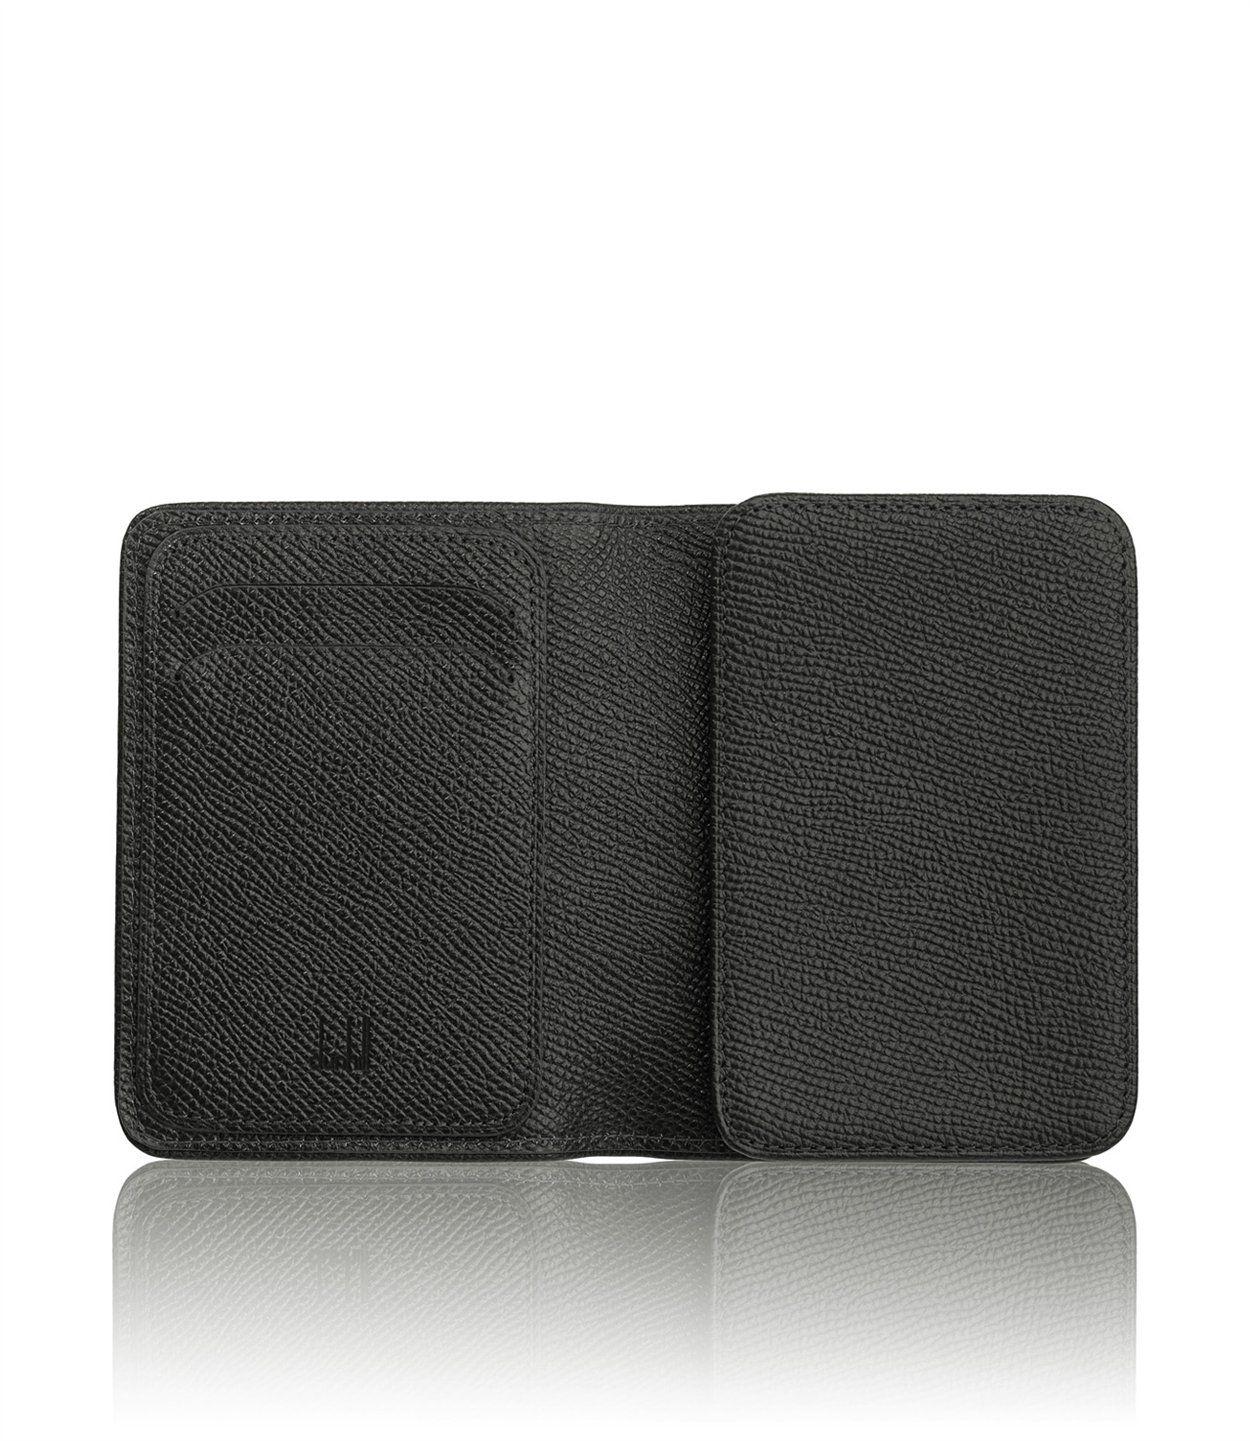 Bourdon Business Card Case - Designer Leather Wallets for Men ...